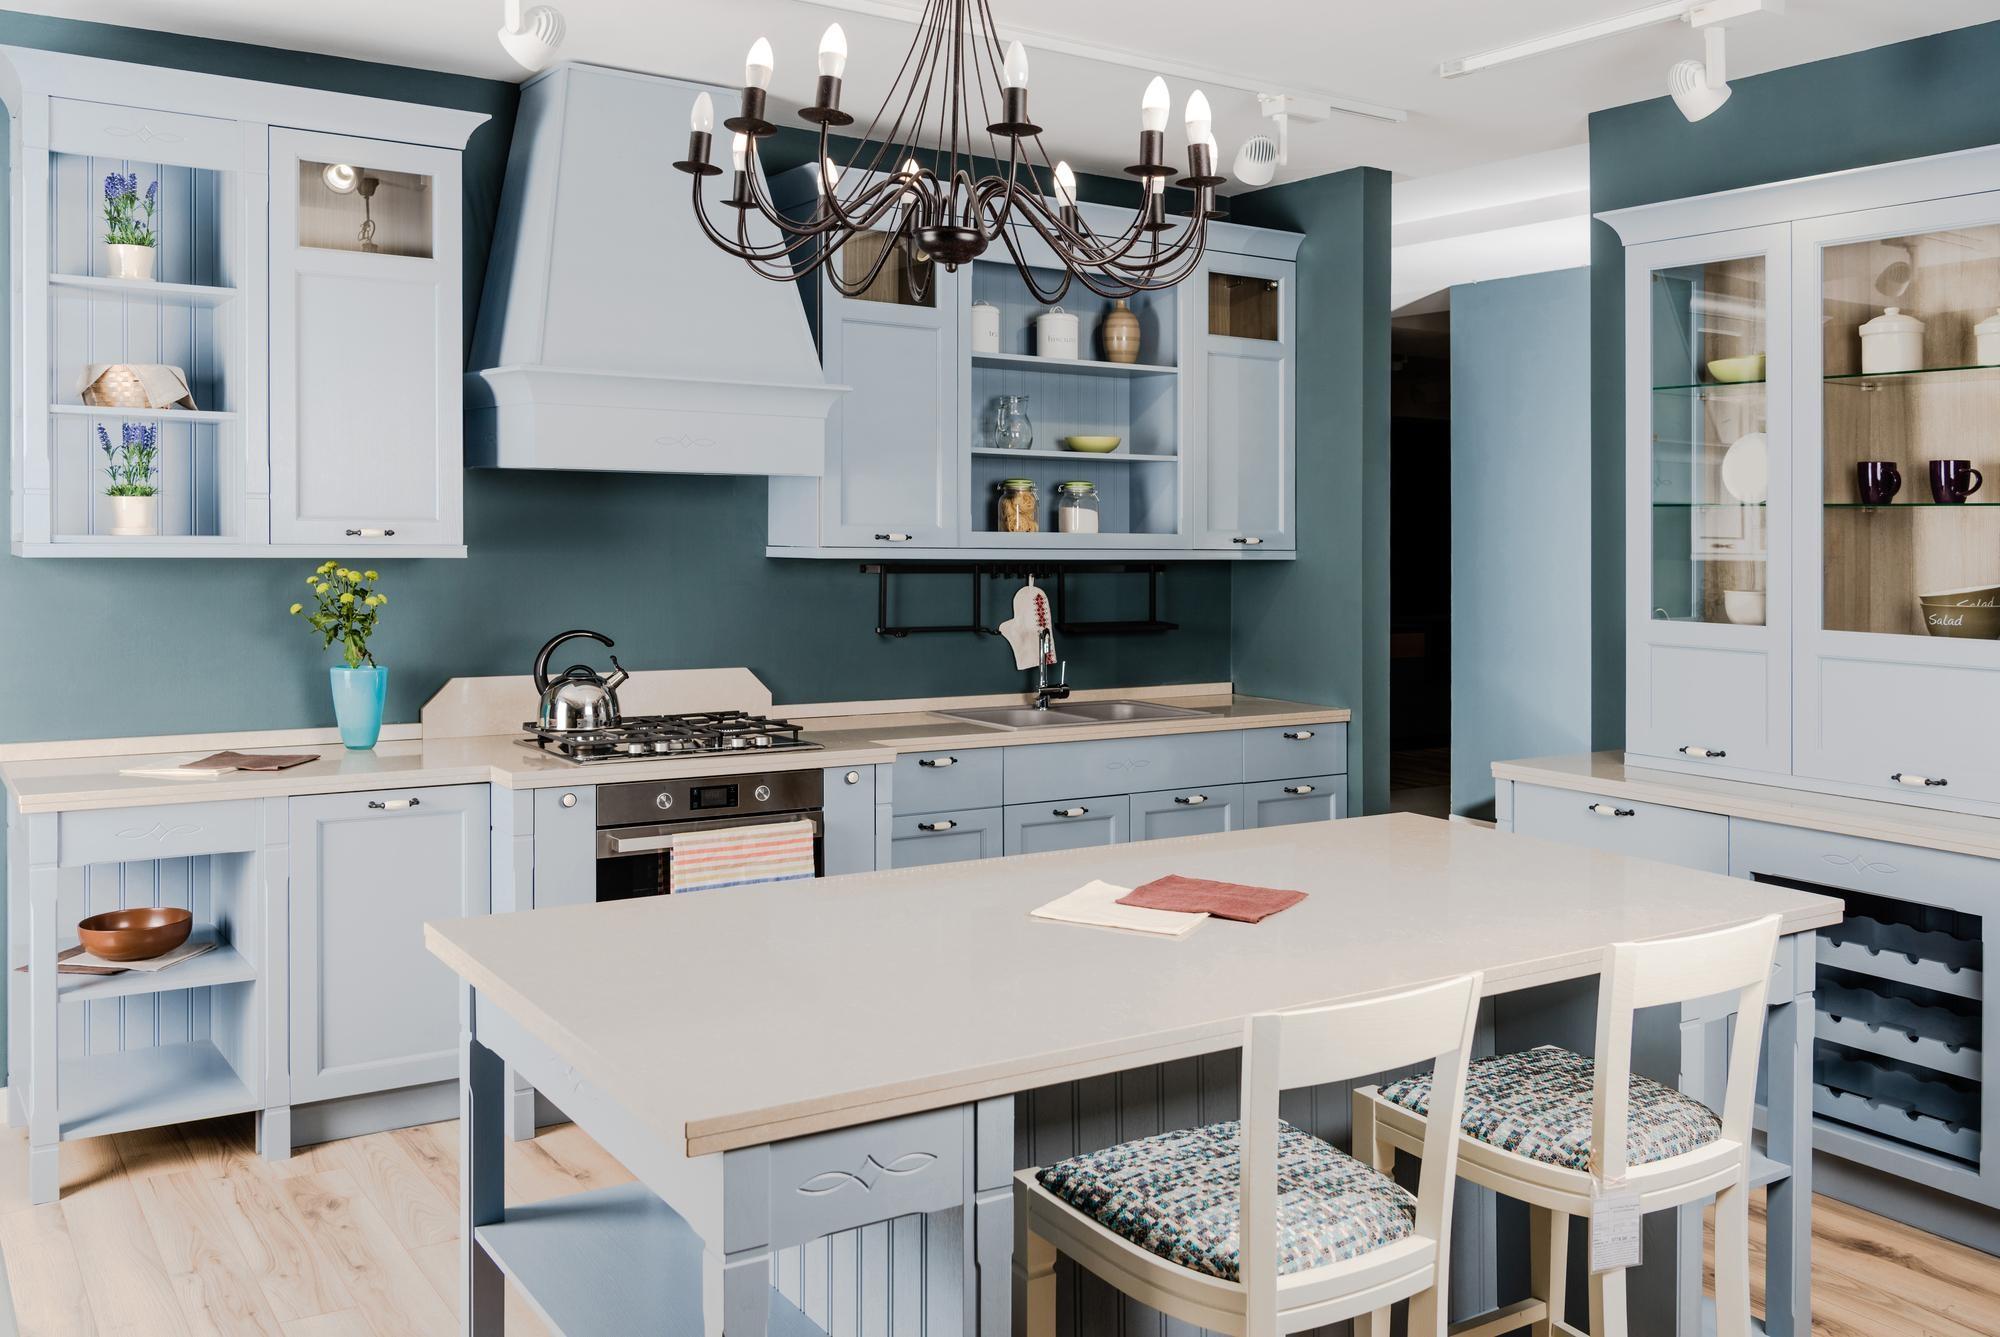 5 Ways to Keep a Clean Kitchen